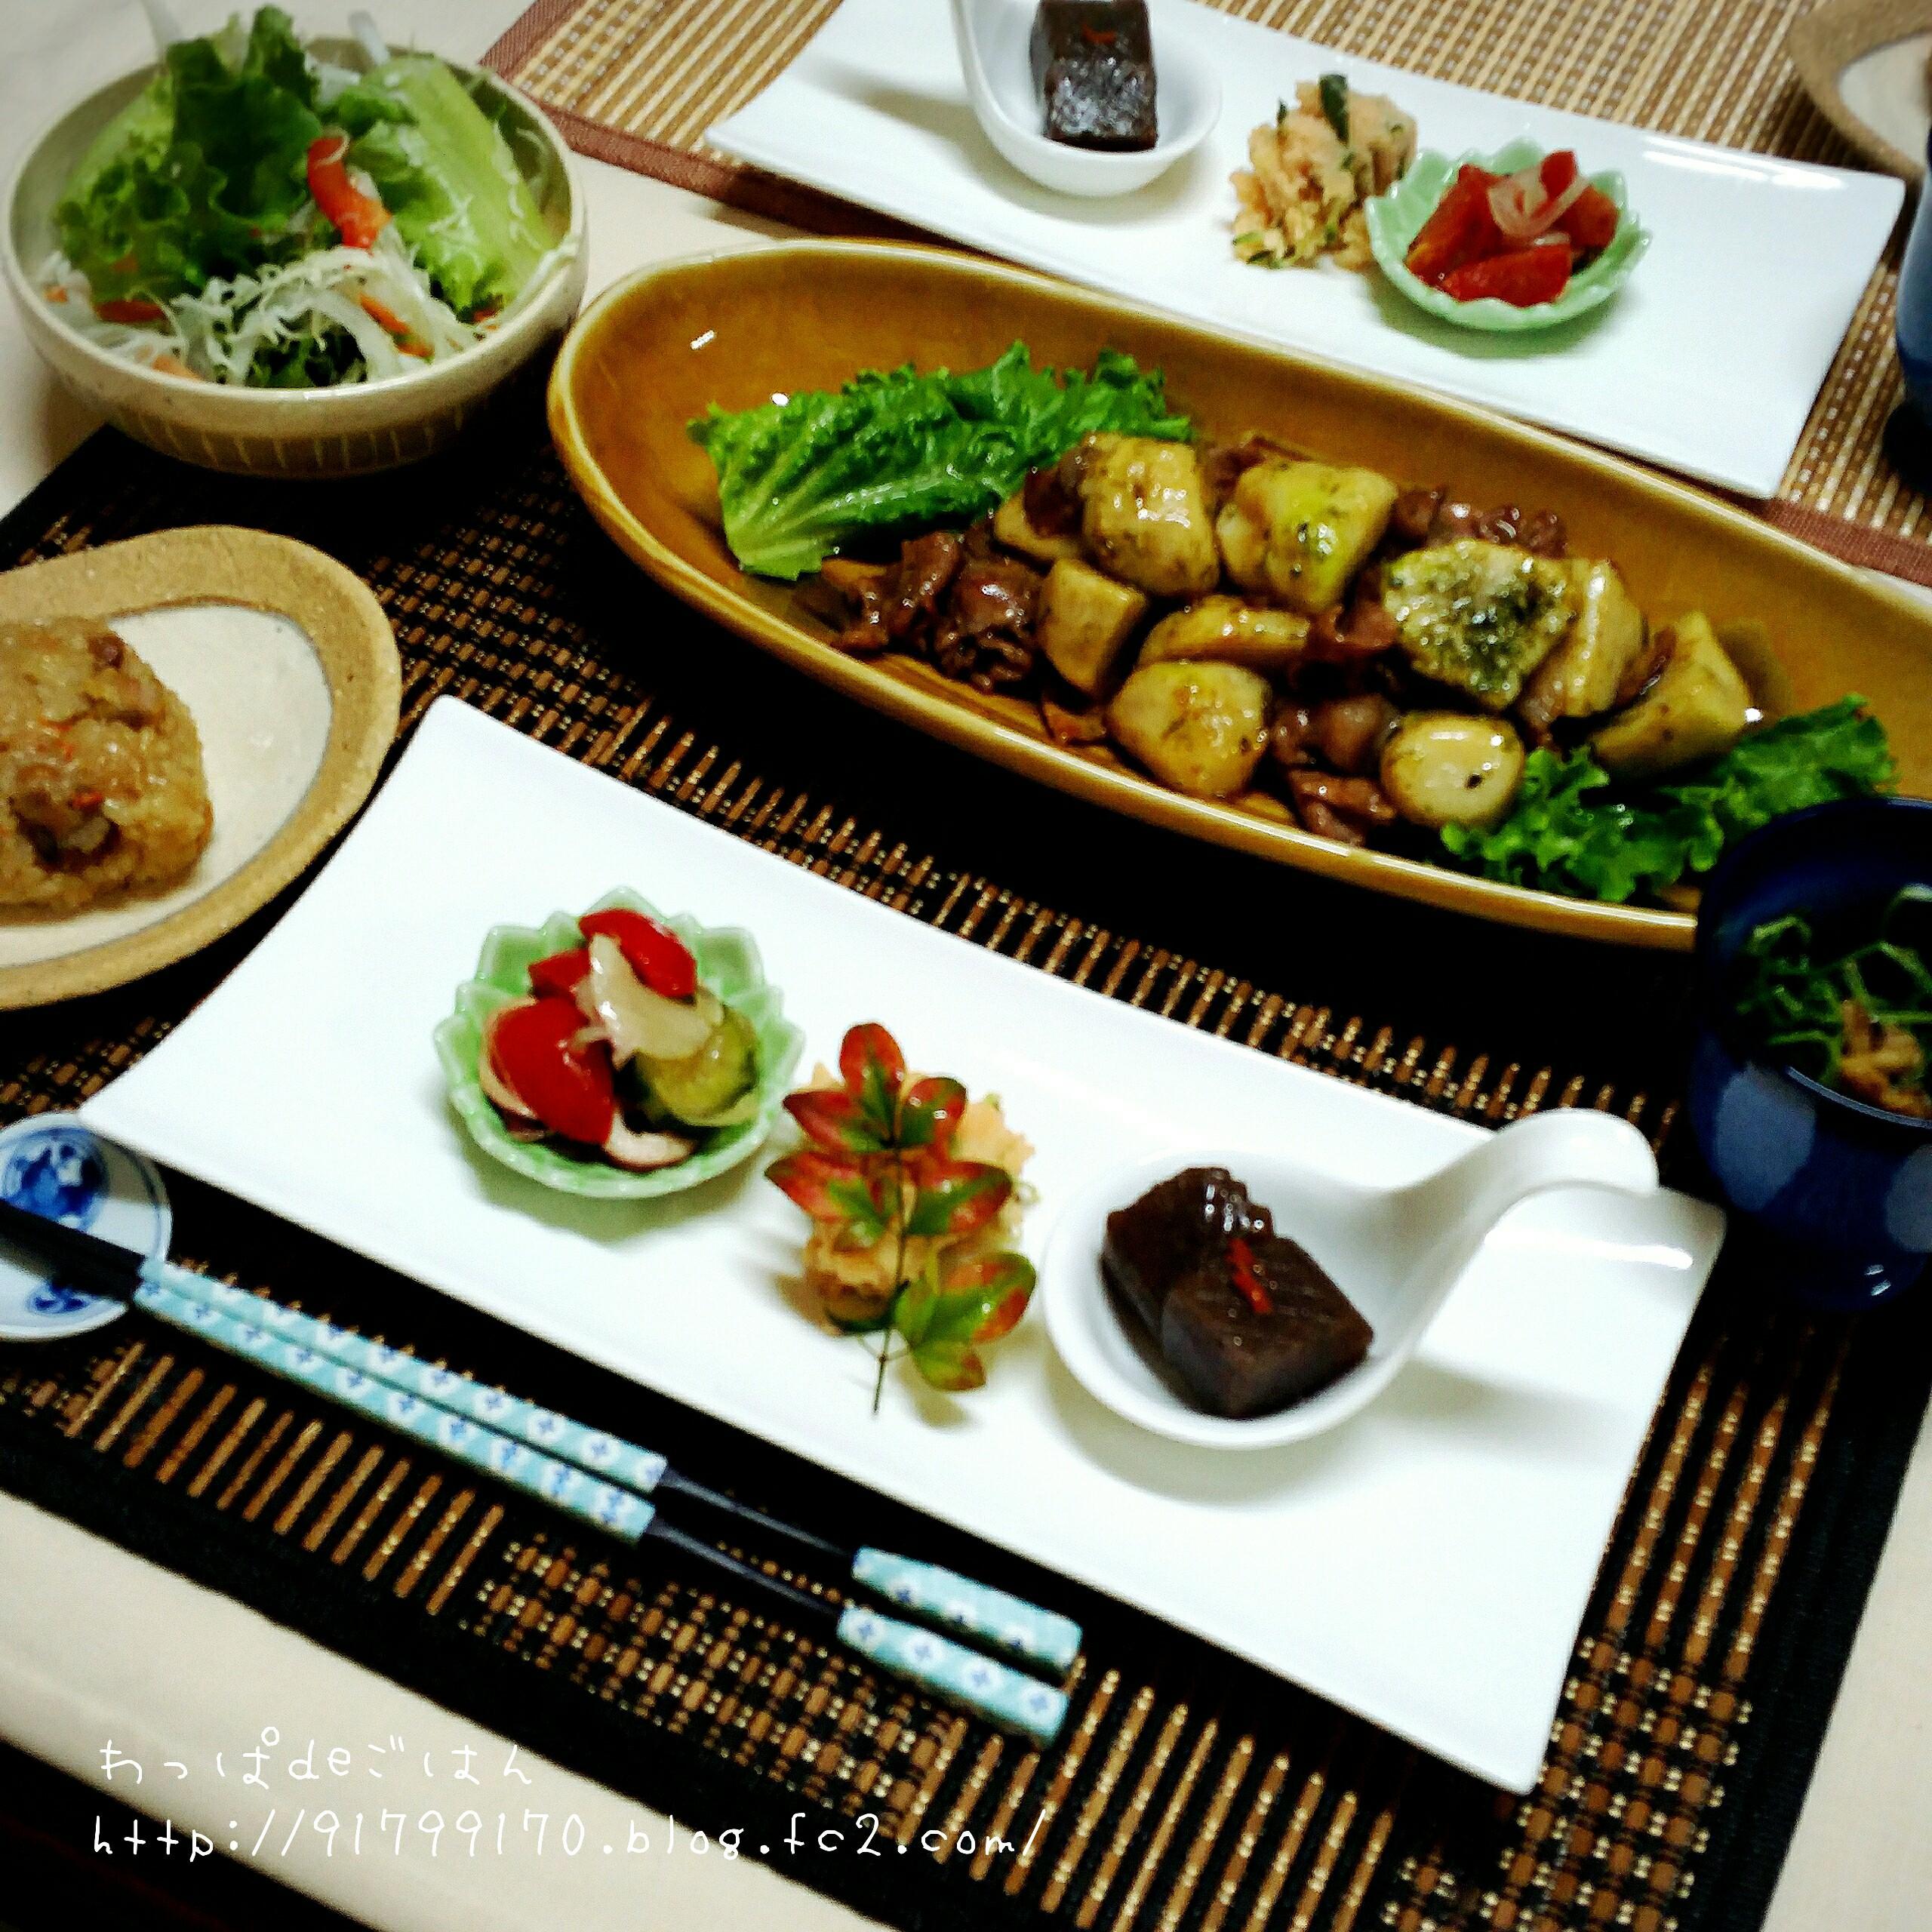 里芋と豚バラの甘辛炒めの晩ごはん